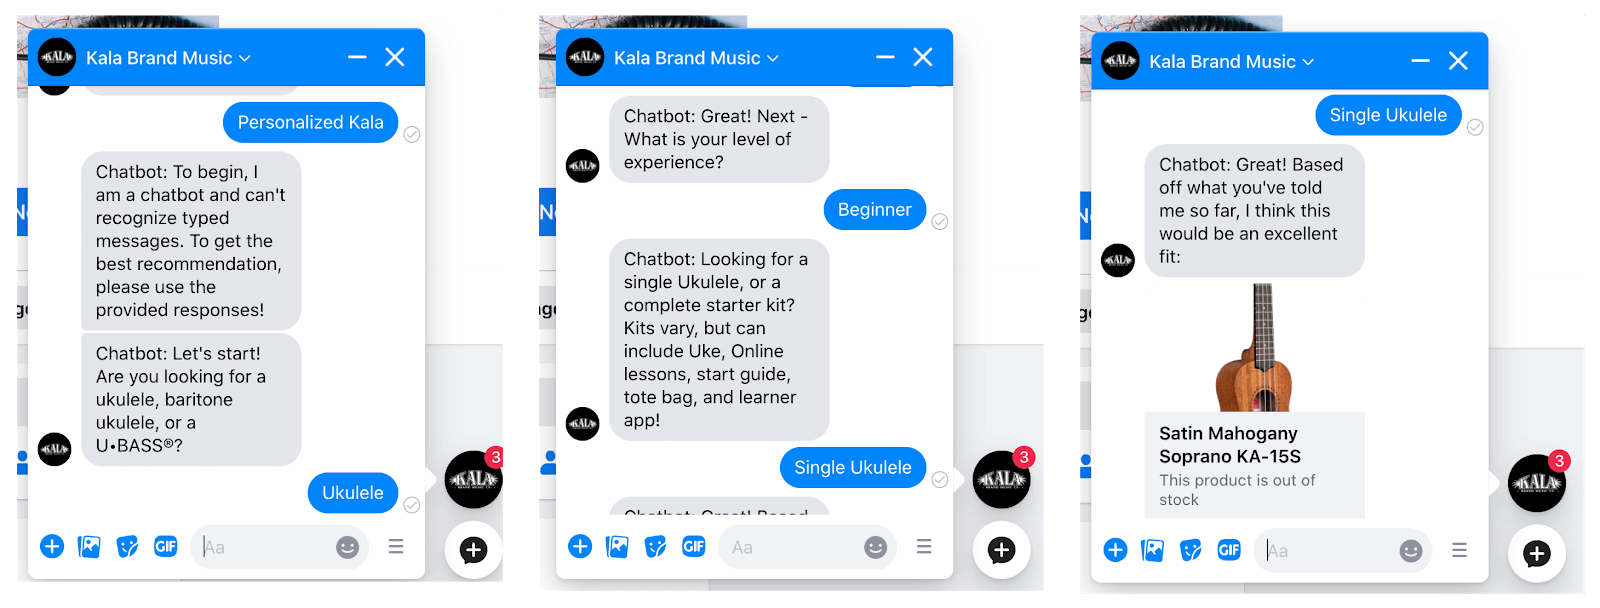 Kala Brand Music Chat